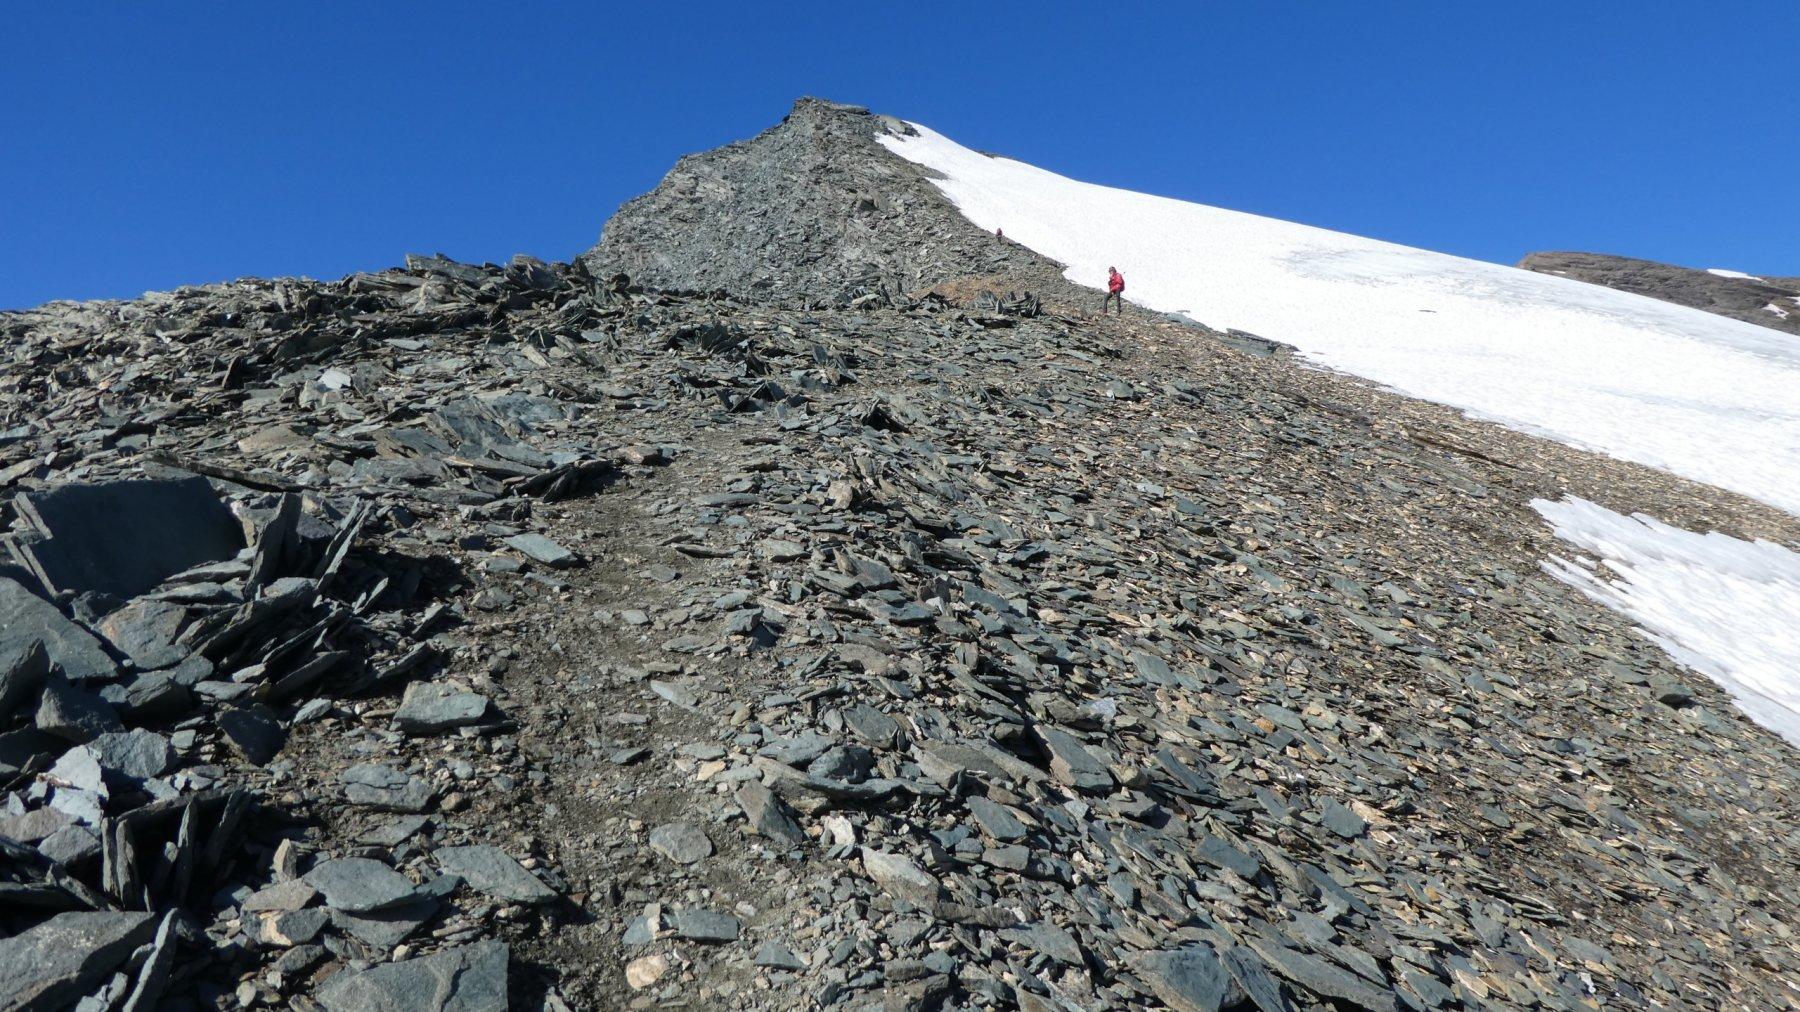 la facile cresta finale che porta in vetta alla Punta Nera